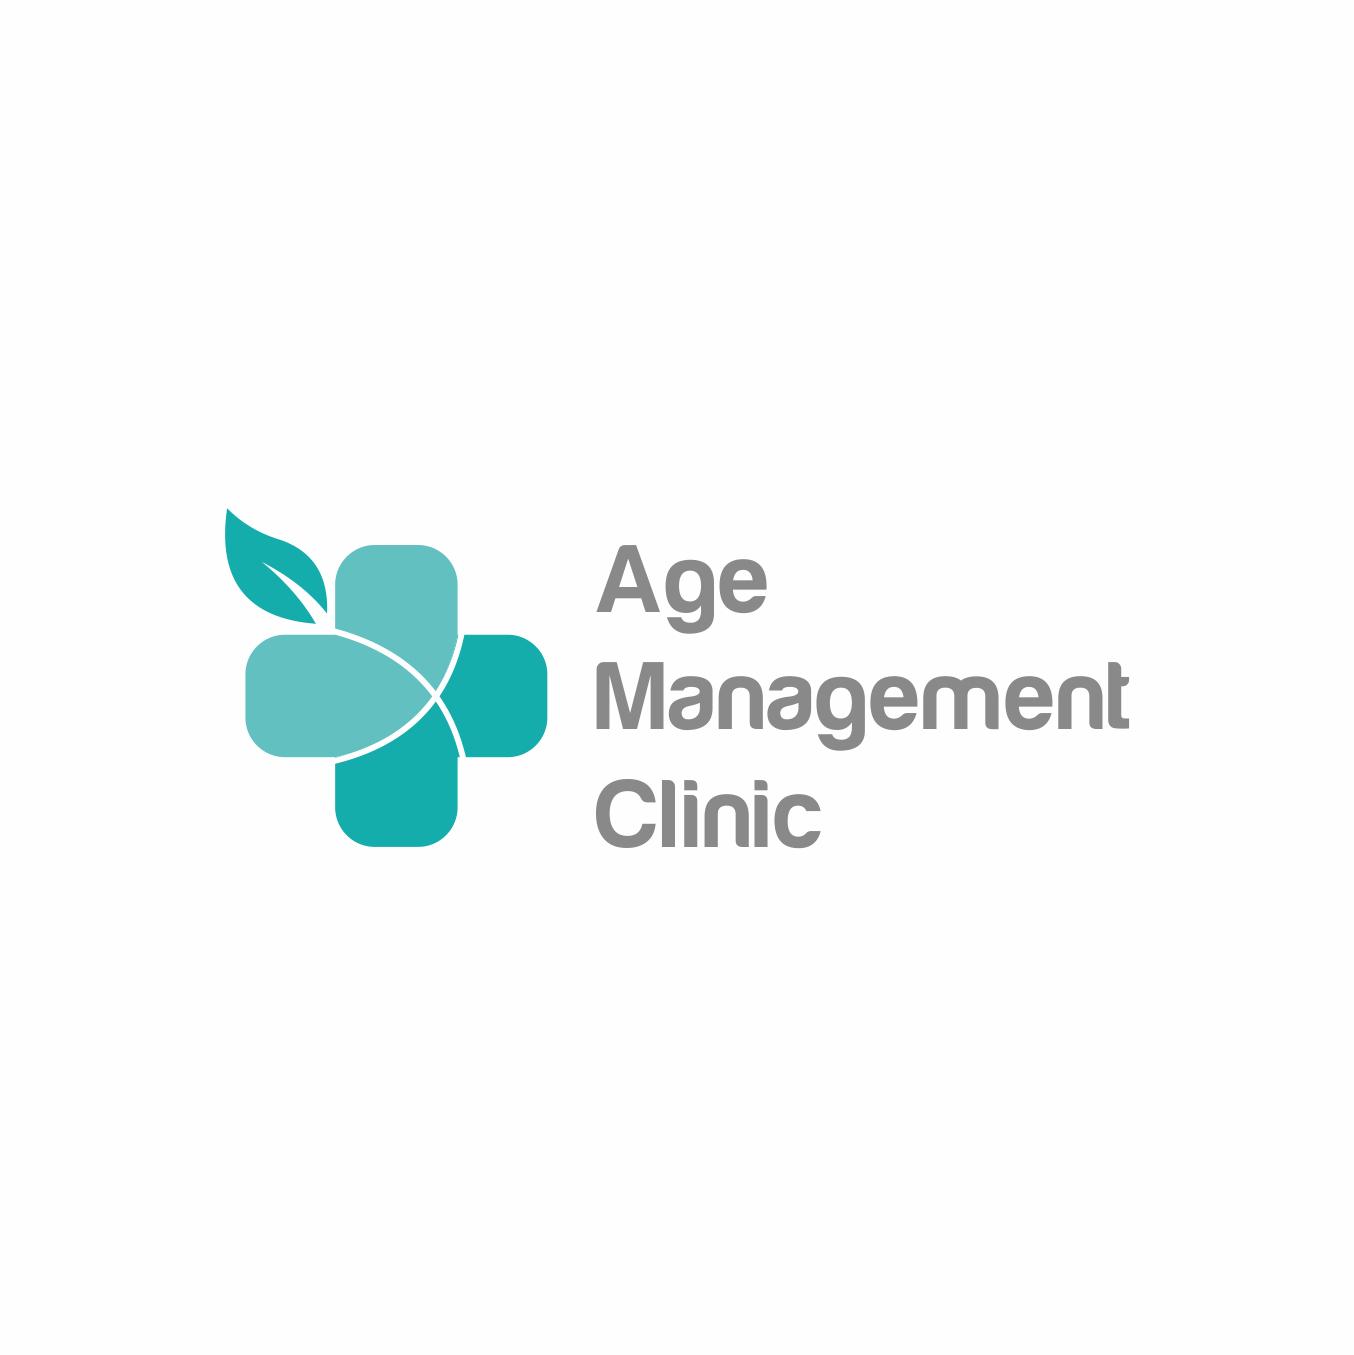 Логотип для медицинского центра (клиники)  фото f_6515b981f0f4768f.jpg